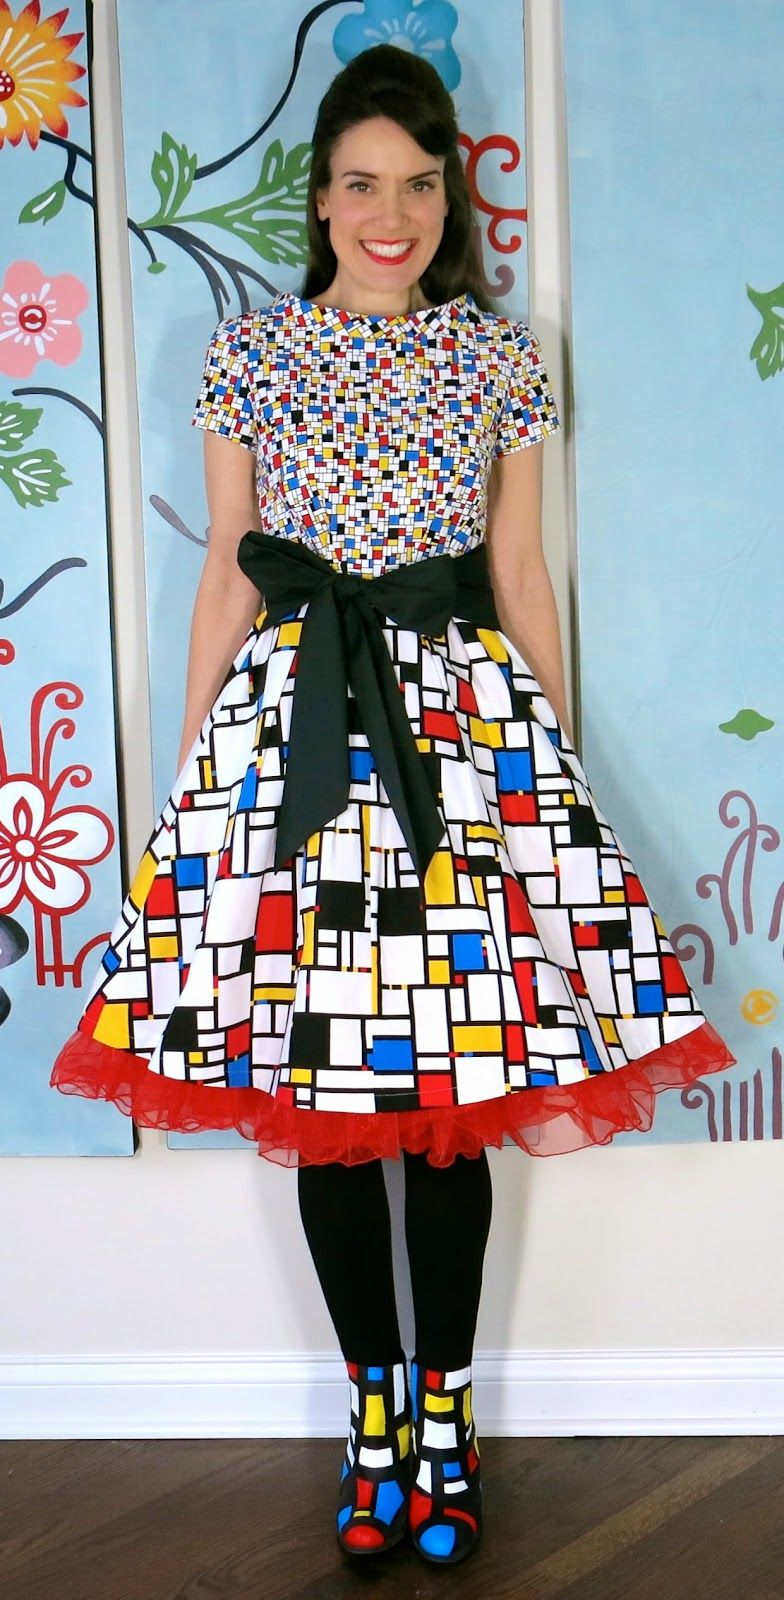 Cassie stephens mondrian dress teacher dresses art dress